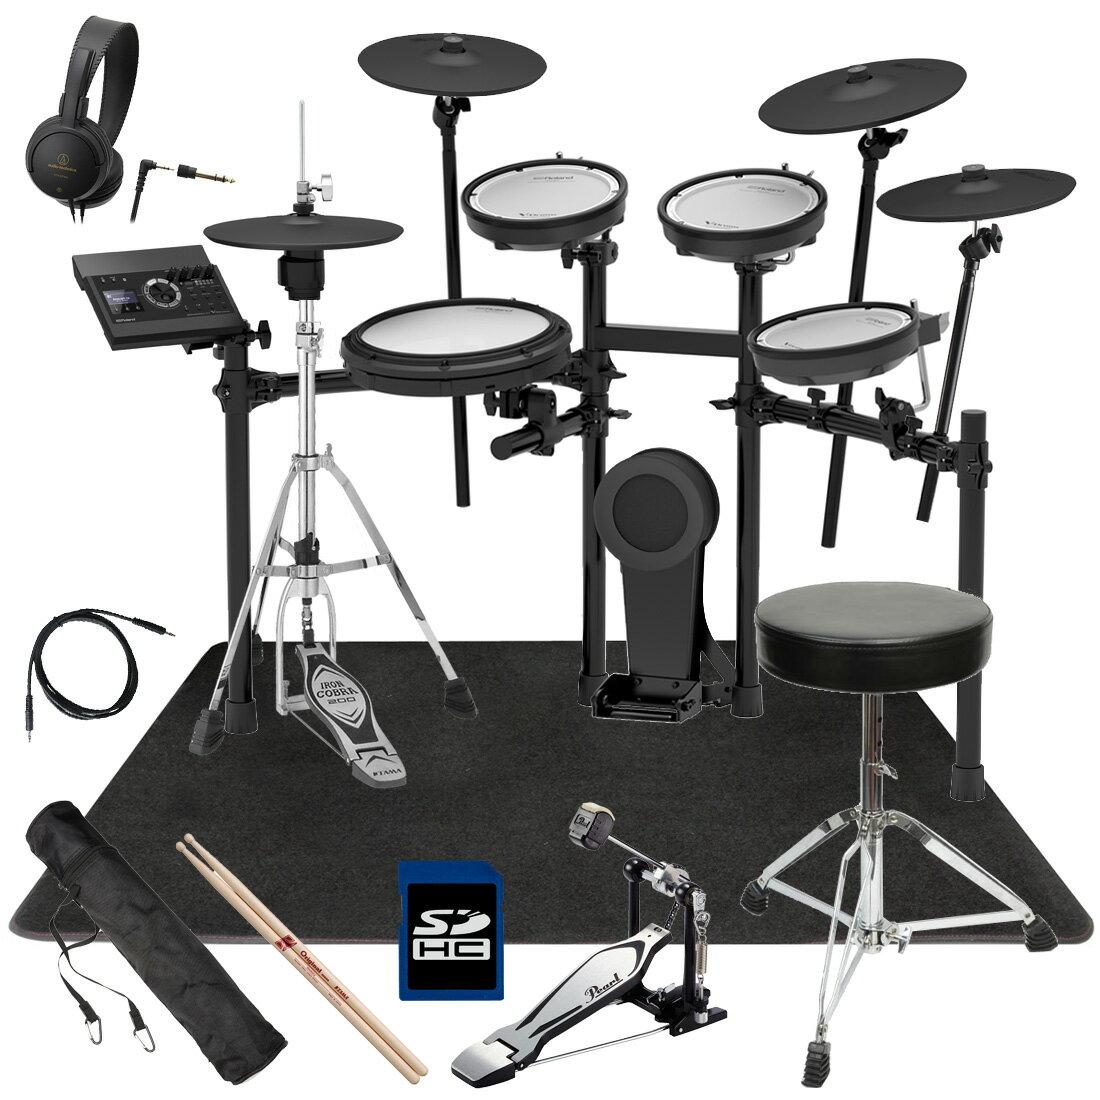 【今なら在庫あります】Roland 電子ドラム TD-17KVX-S ベーシックセット/オリジナルスターターパック マット付き【YRK】